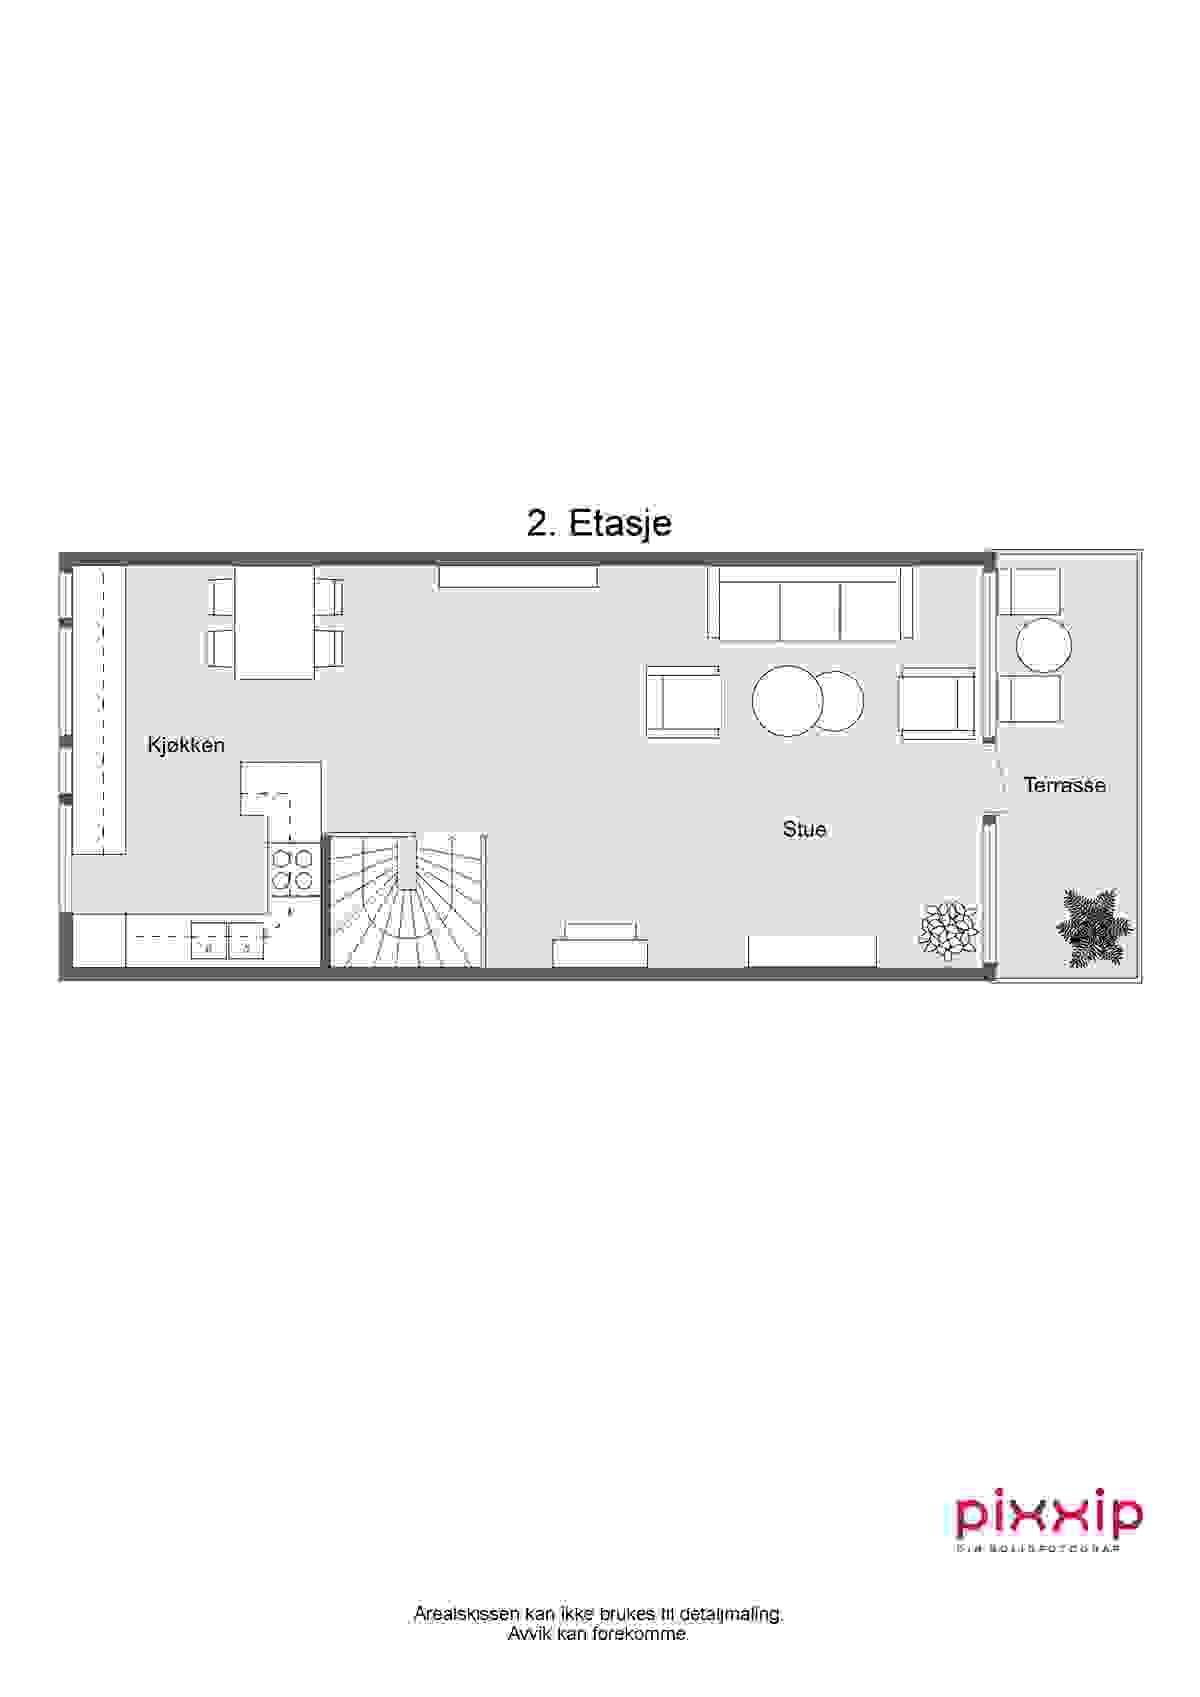 2d-plantegning 2. etasje